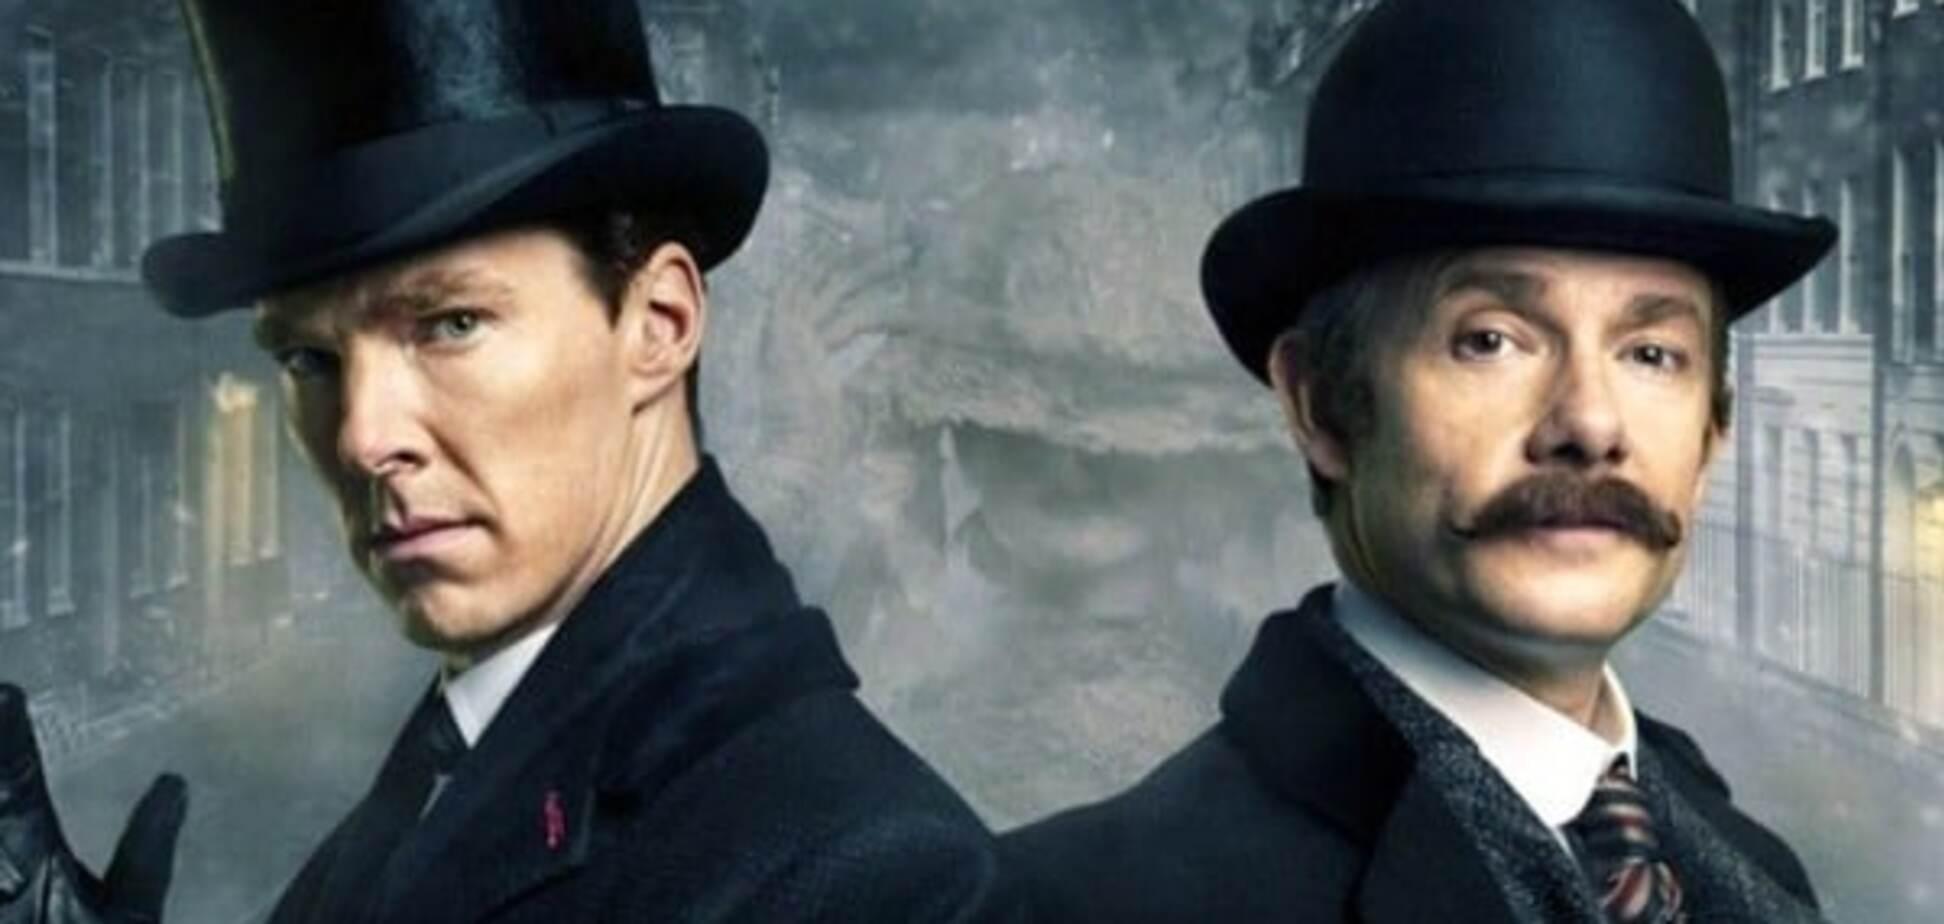 Нова серія 'Шерлока' побила рекорд за кількістю переглядів